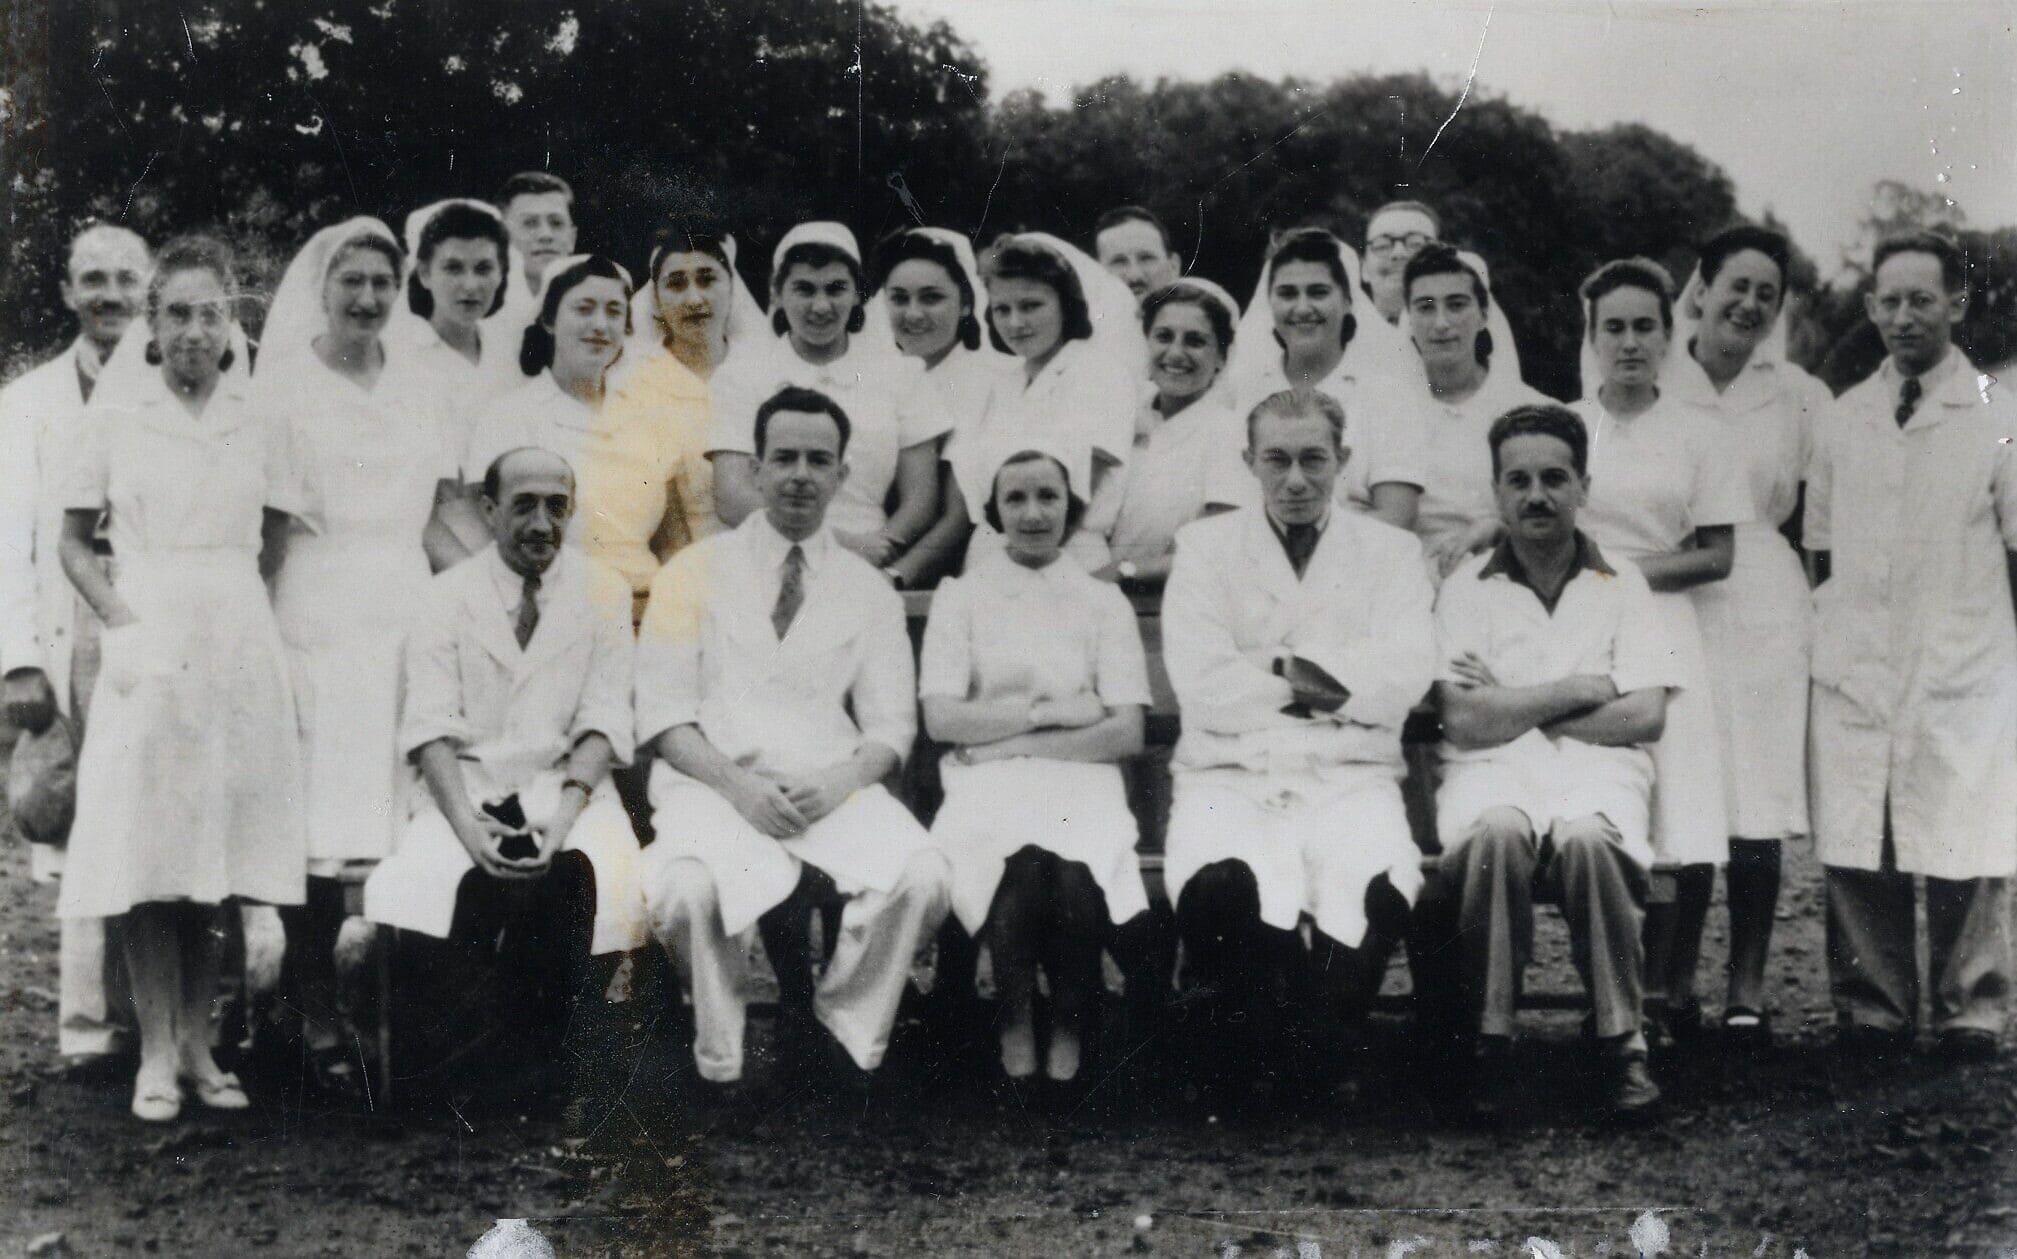 רופאים ואחיות בצוות הרפואי מטפלים בעצורים היהודים במאוריציוס (צילום: באדיבות ארכיון מוזיאון בית לוחמי הגטאות)